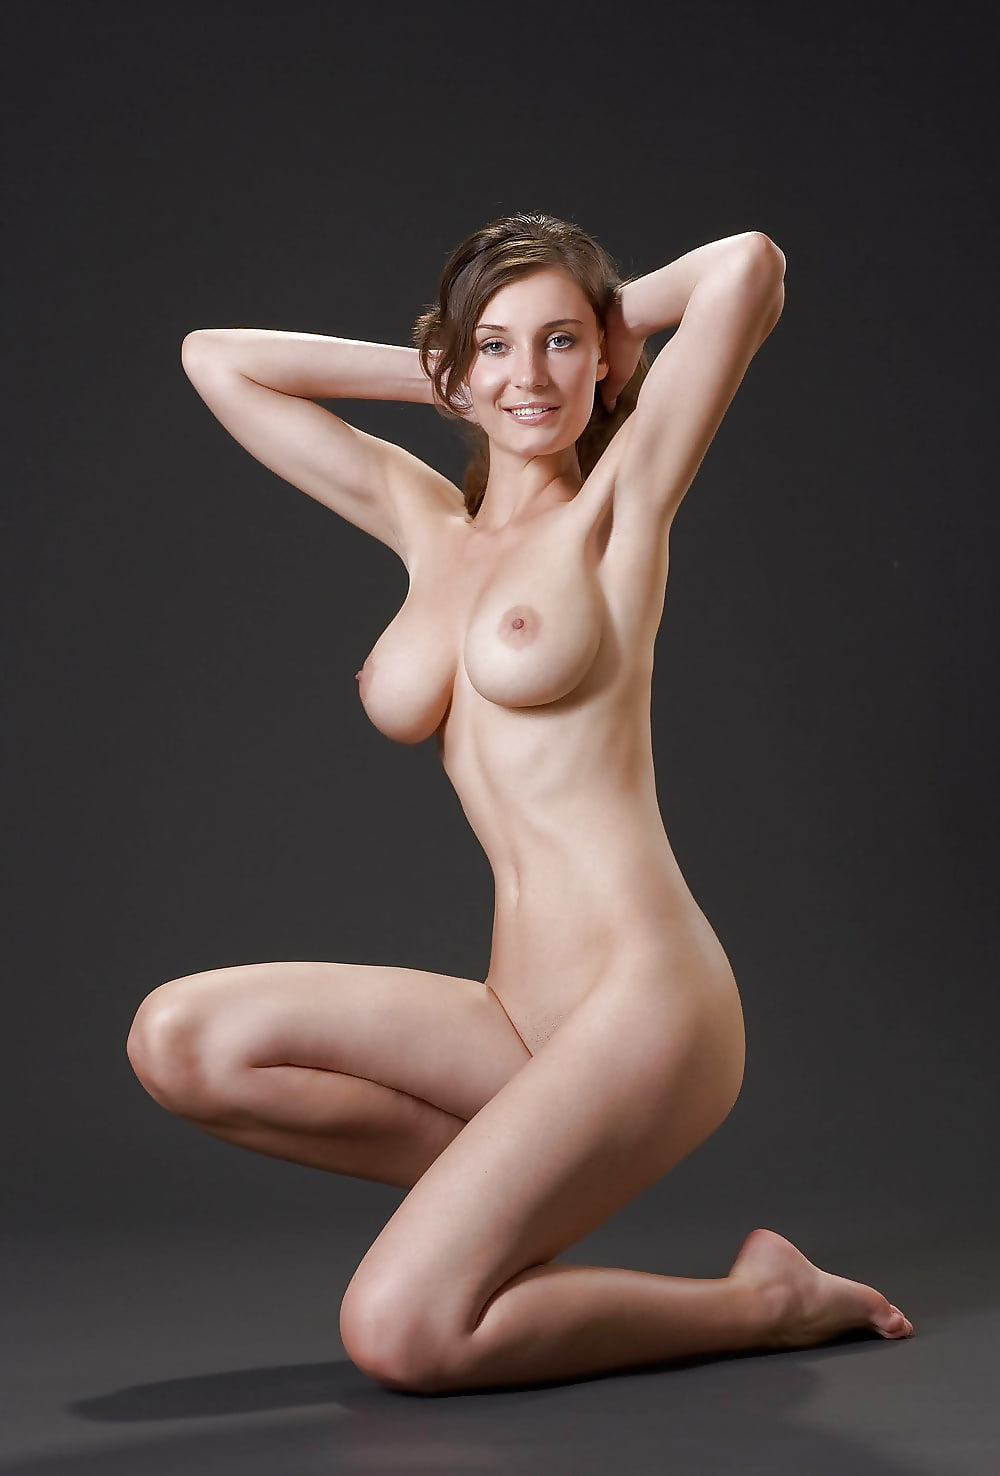 полностью обнаженные девушки с большой грудью - 6